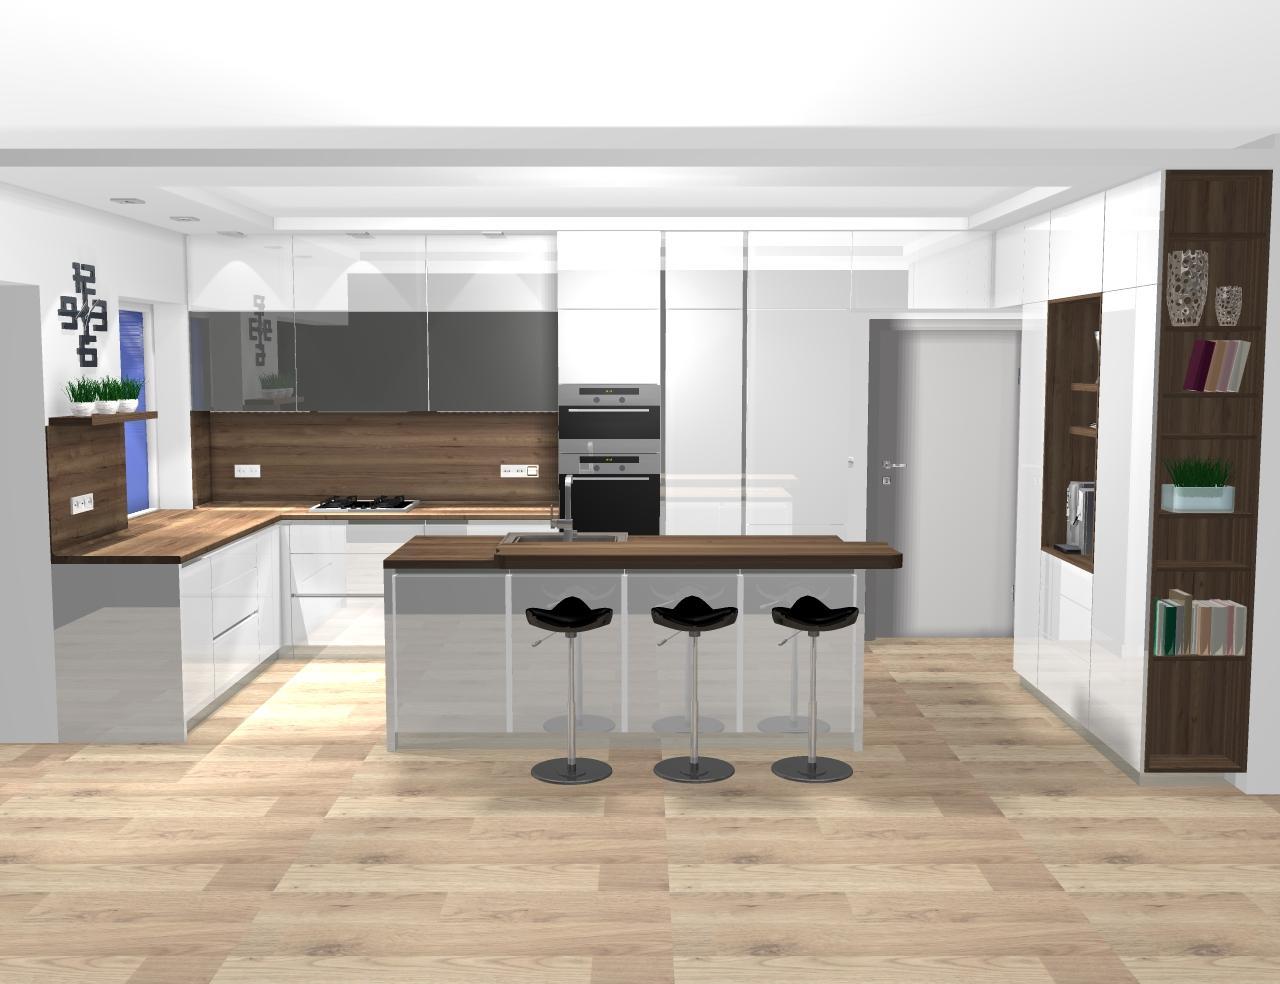 Grafické návrhy kuchynských liniek 2020 - návrh kuchynskej linky do rodinného domu -verzia 1 - obr.1